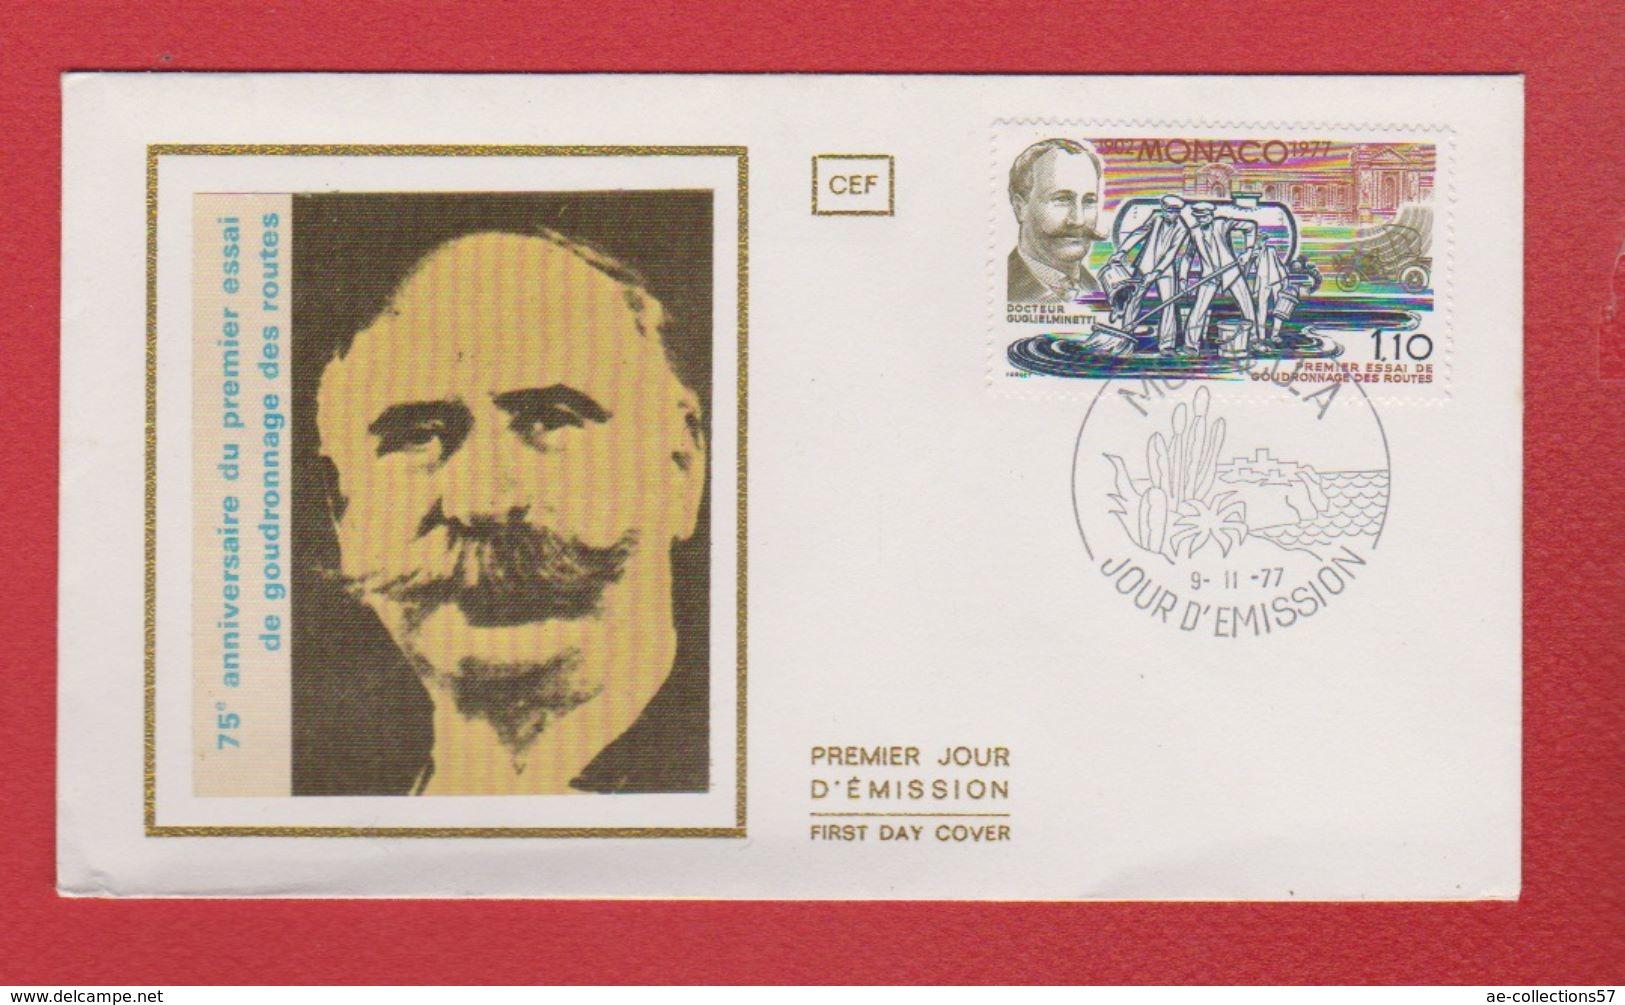 MONACO / Enveloppe Premier Jour  /  75 ème Annivrsaire Du 1er Essai Du Goudronnage Des Routes / 9-11-1977 - FDC